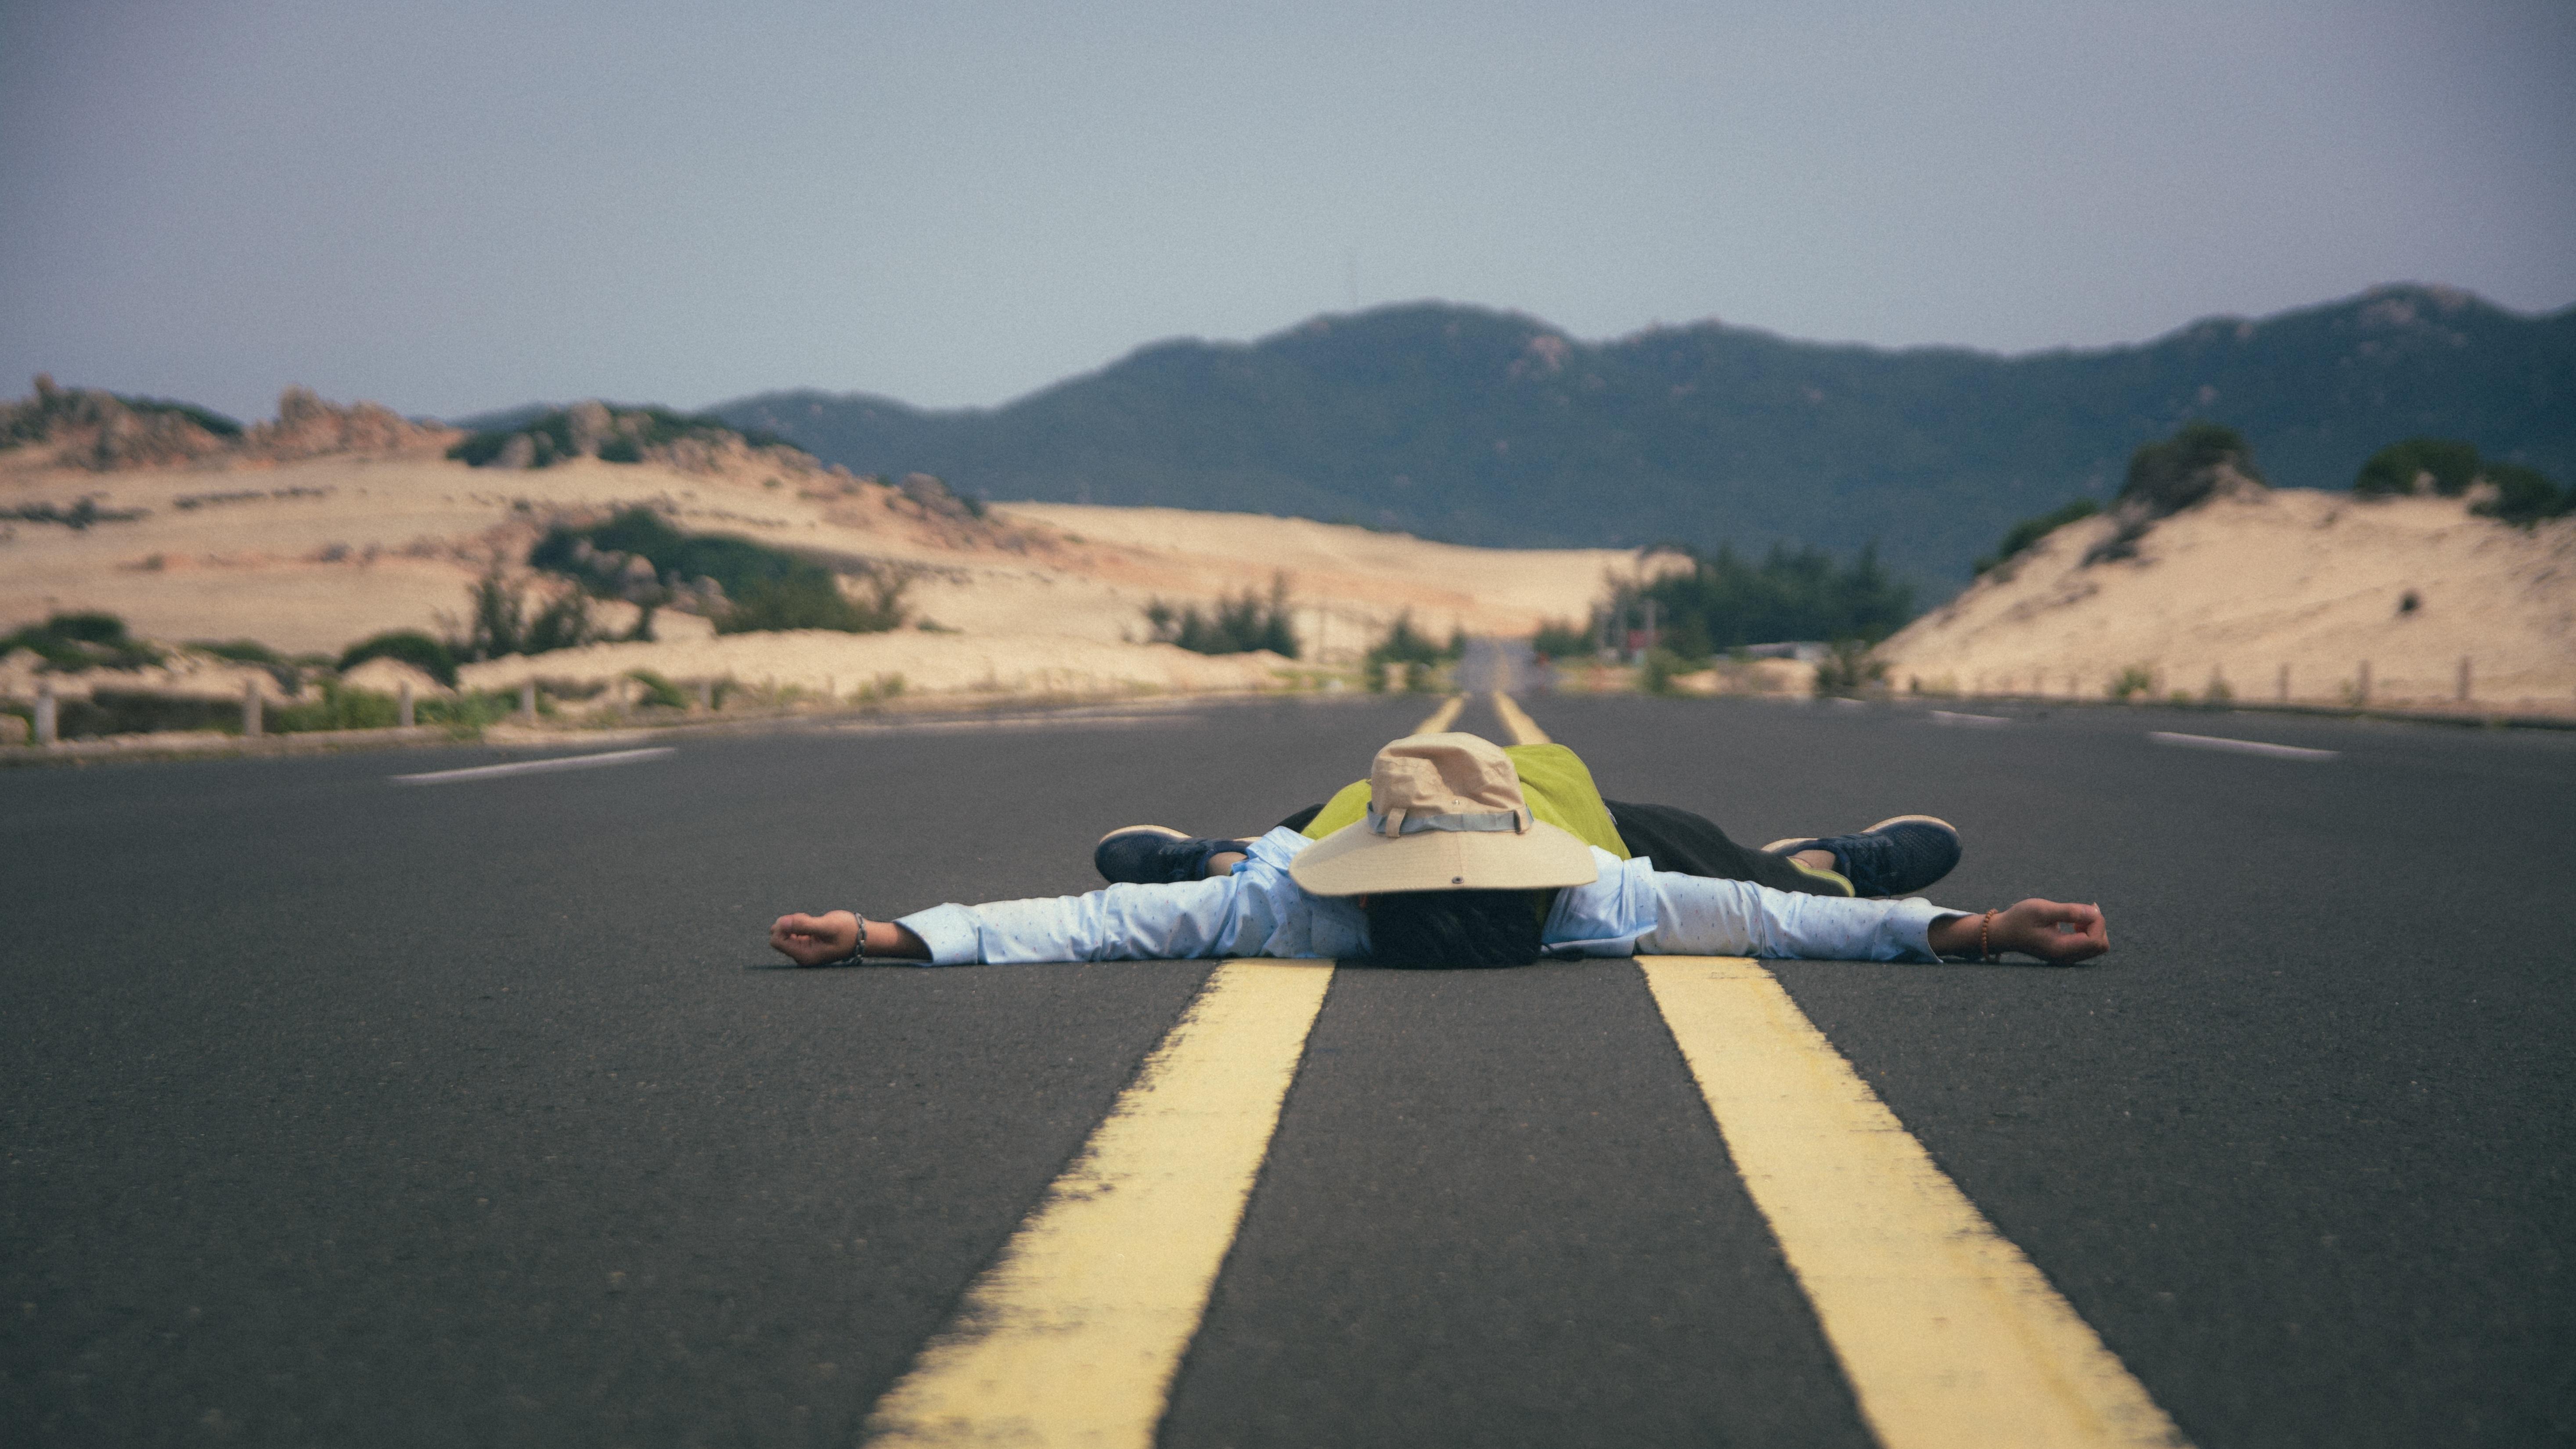 первым картинка лежа на дороге стало известно, что